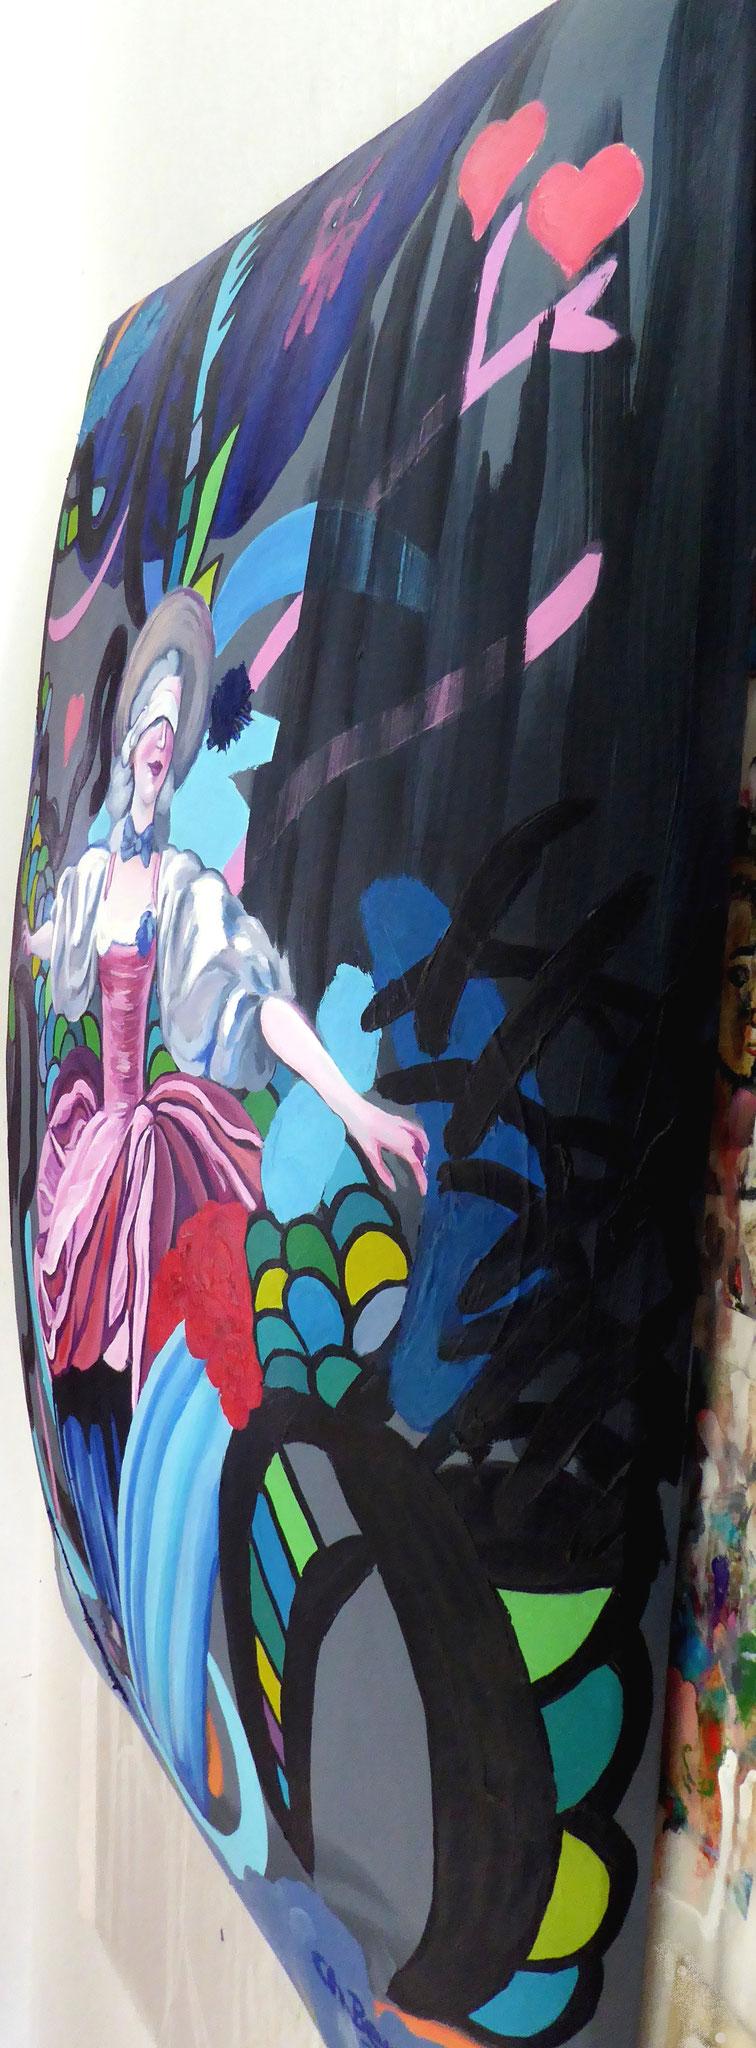 """Eine von 30 Matratzenleinwänden - """"Herzekrank"""", 2010, Öl auf Leinwand, 70x100cm © Christian Benz"""